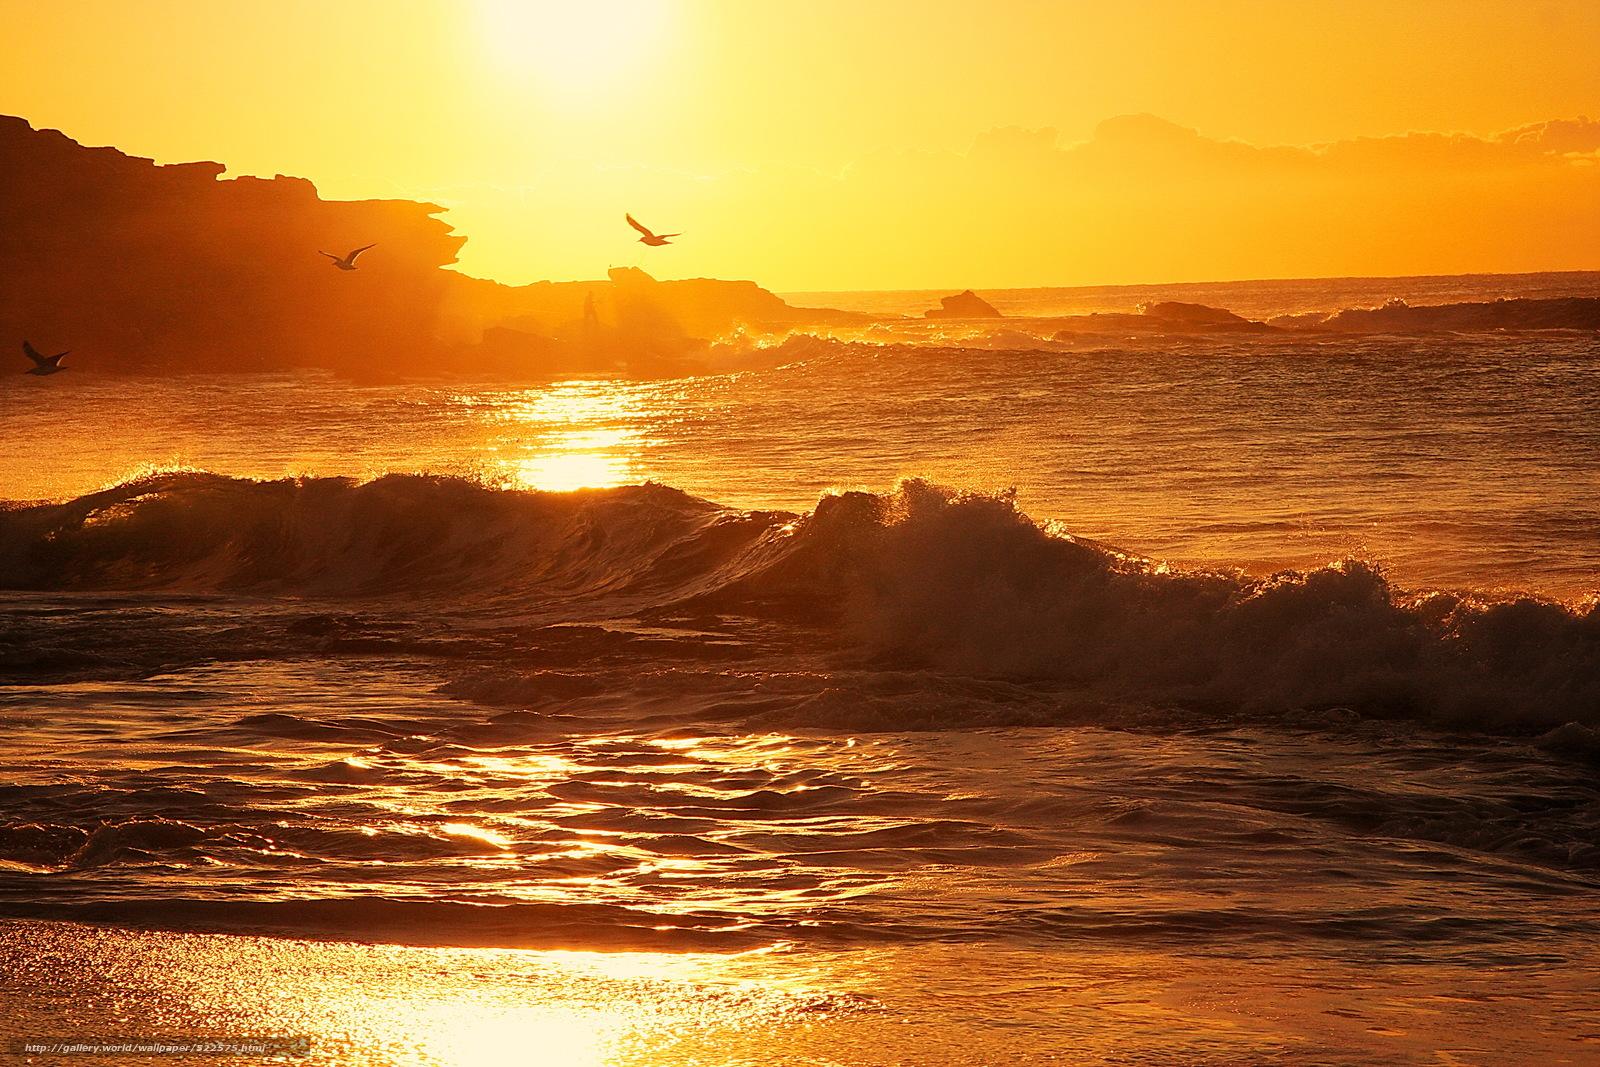 Scaricare gli sfondi alba mare gabbiani paesaggio for Desktop gratis mare